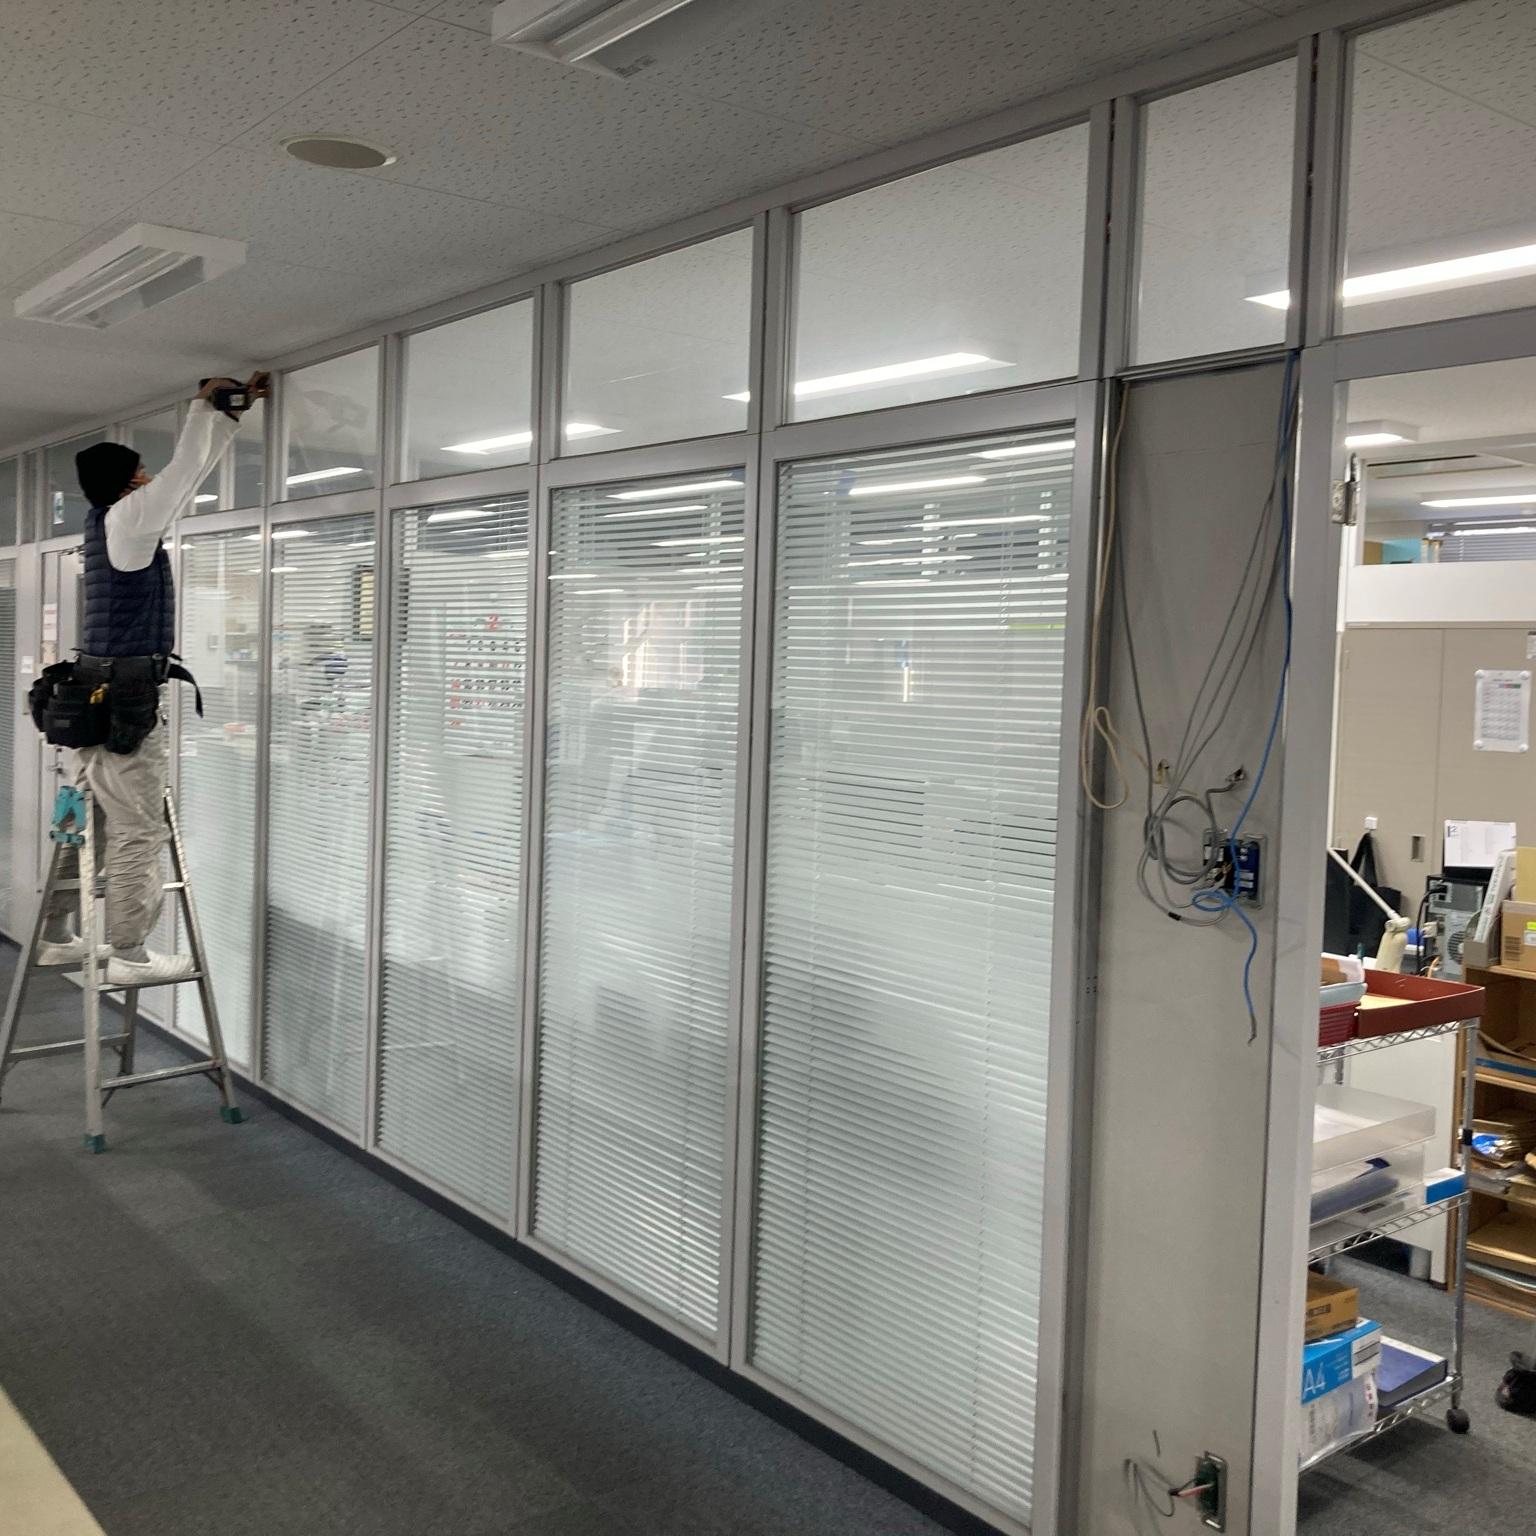 徳島・香川のオフィス内装工事|スチールパーテーション、ガラスパーテーション解体・組替え工事・間仕切り工事